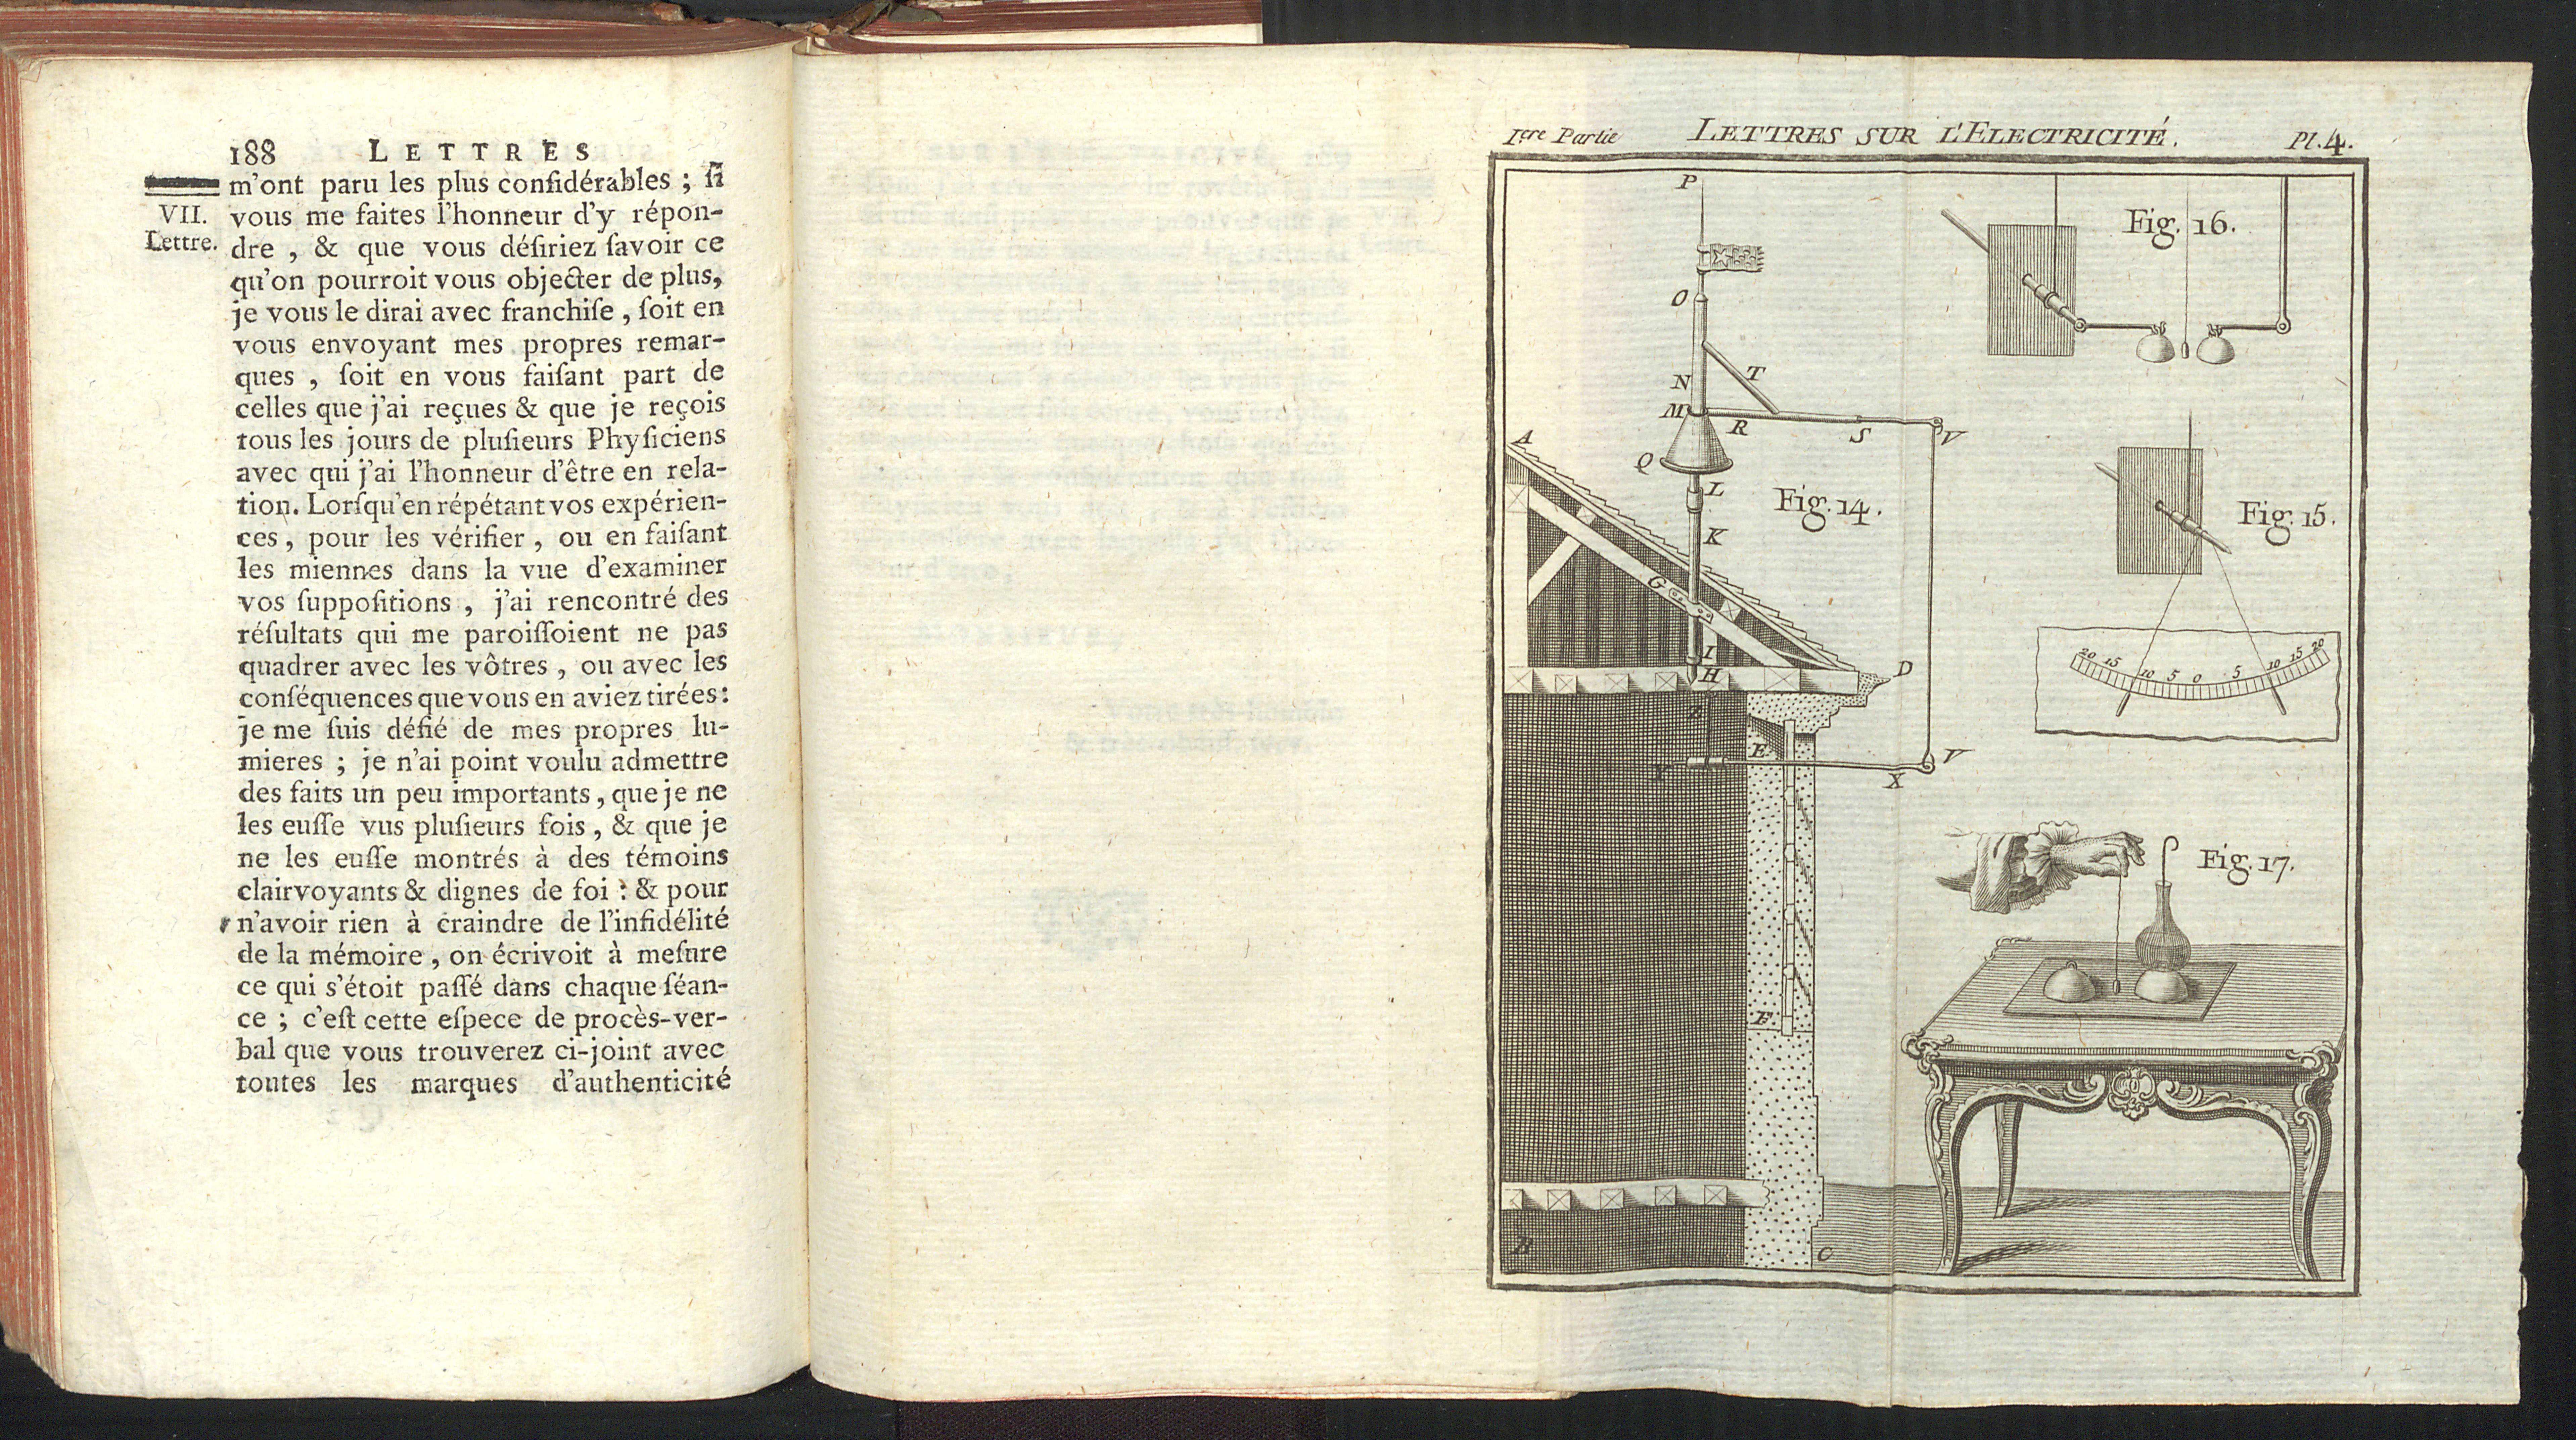 Abbé Jean Antoine Nollet's Lettres sur L'Electricité